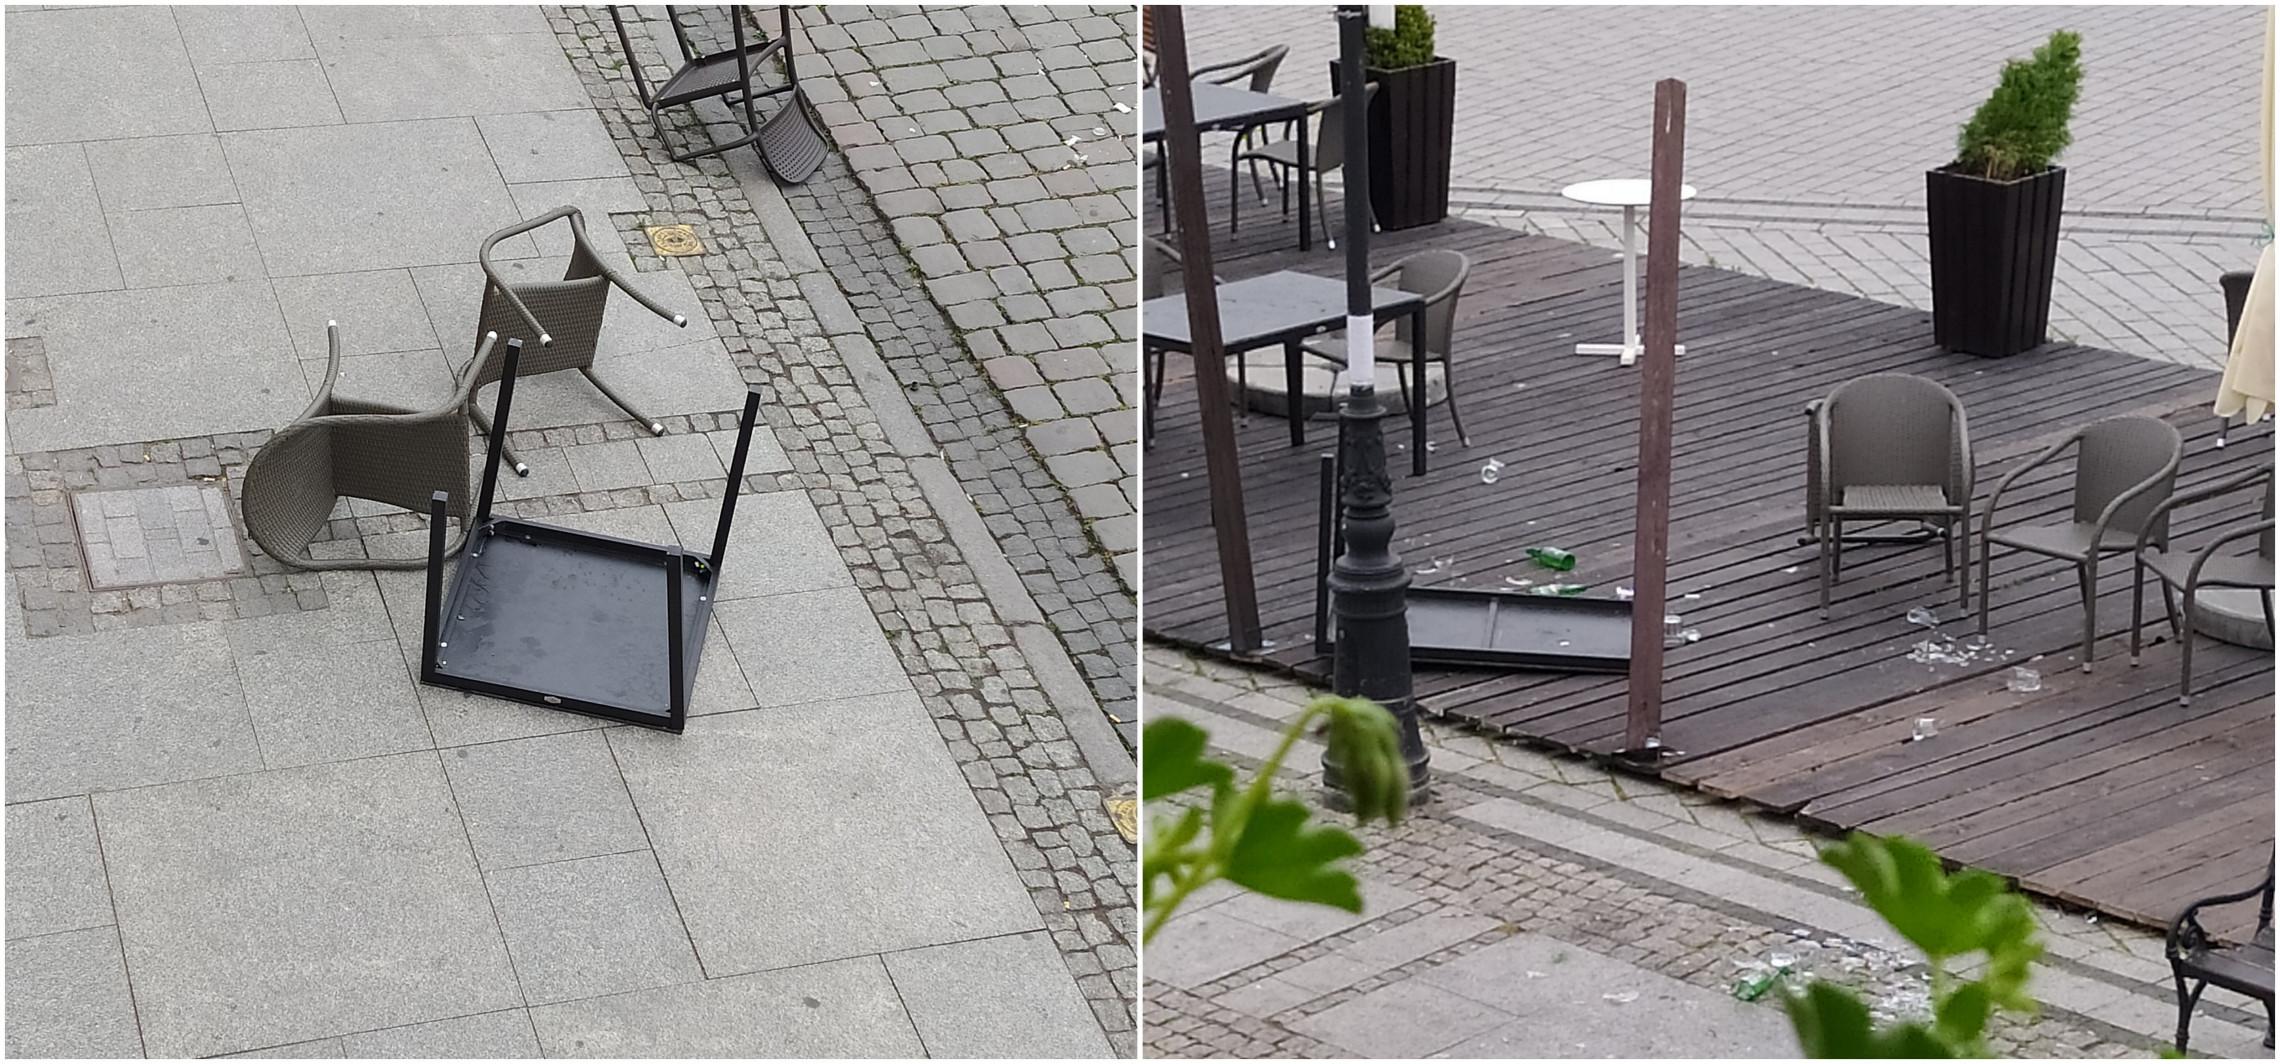 Inowrocław - Rozrzucone krzesła i zbite szkło. W centrum miasta